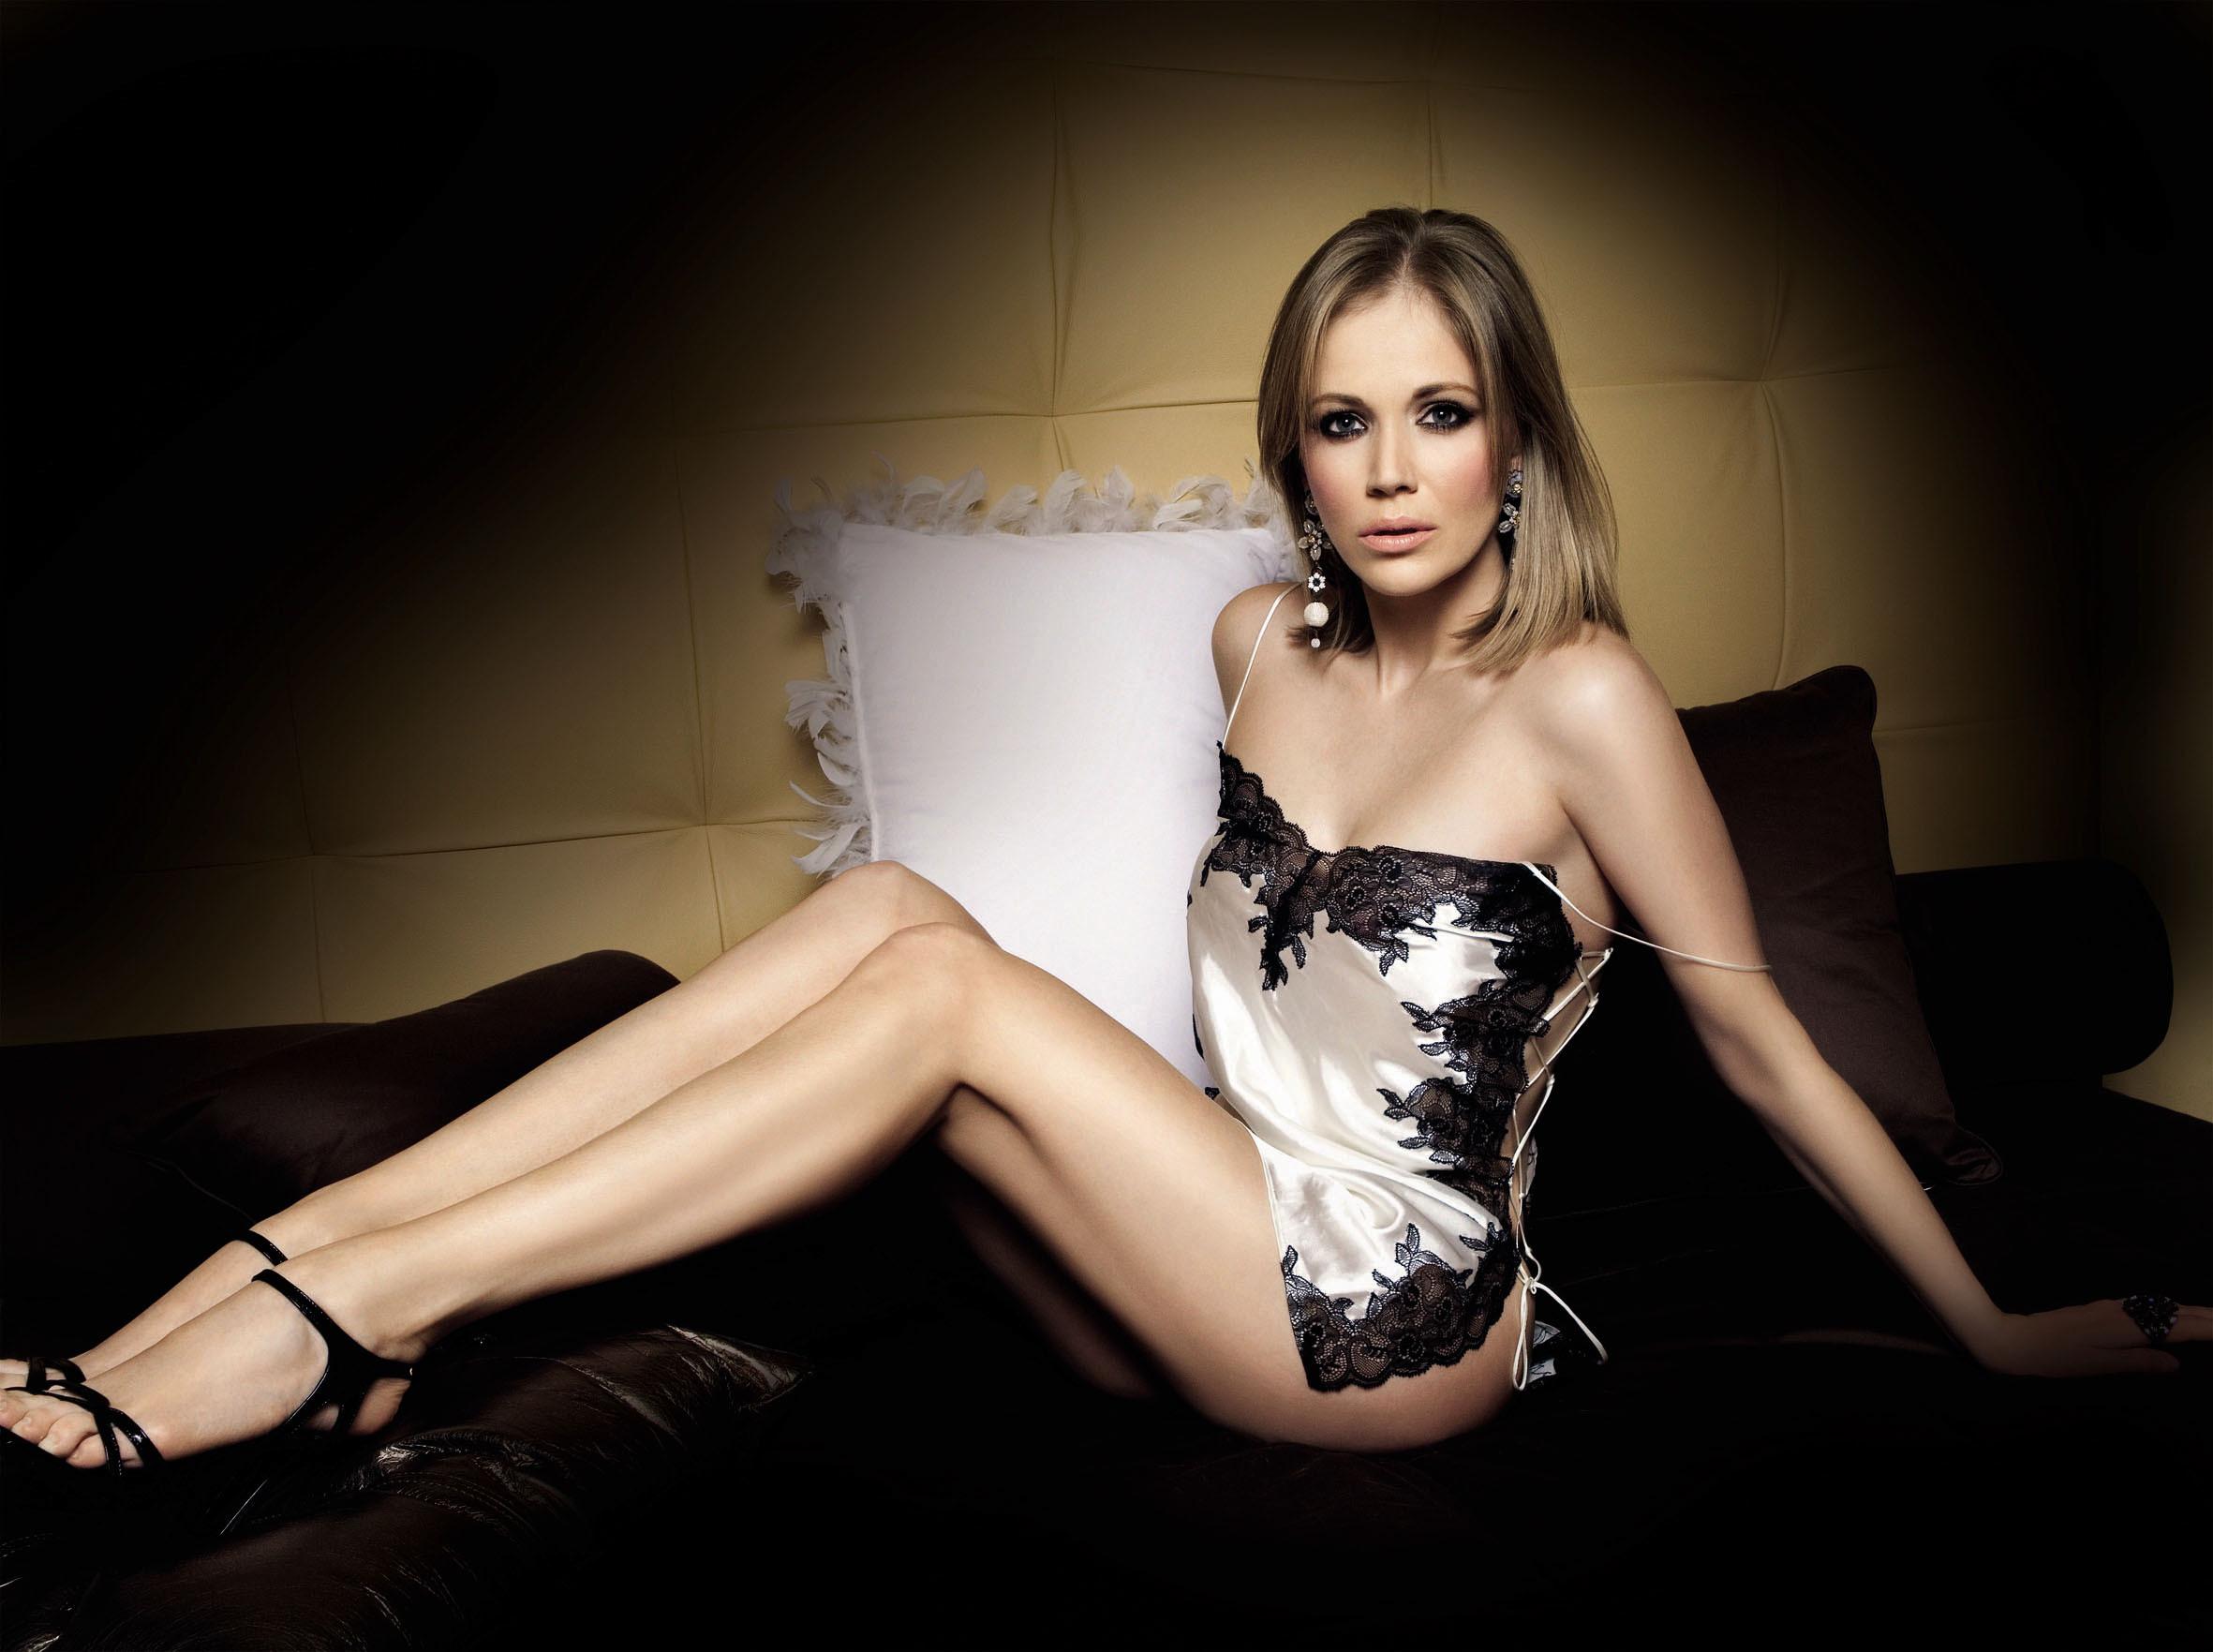 Feet Jelena Cikoja nude (23 images), Leaked